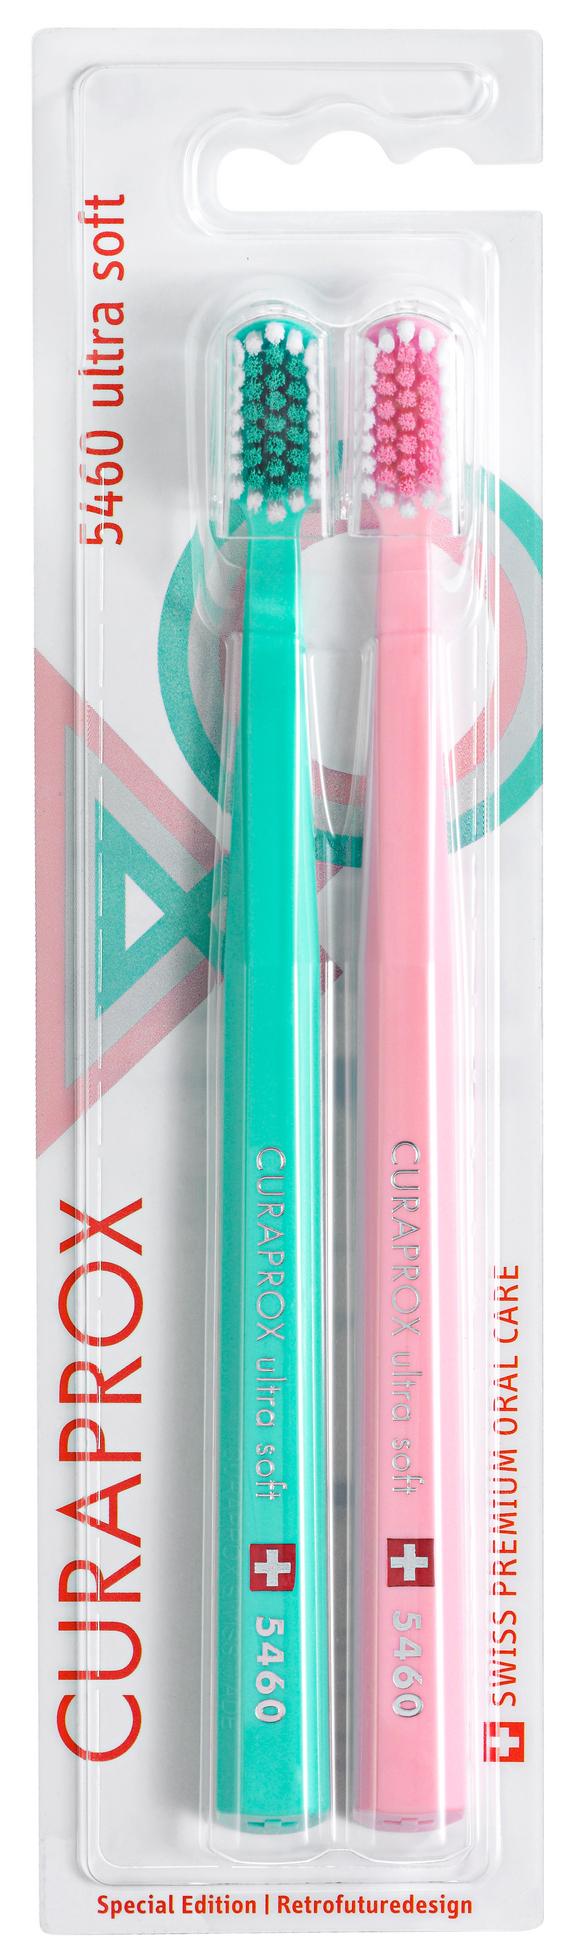 Купить CURAPROX Набор зубных щеток ultrasoft, d 0.10 мм, зеленая и розовая / Retro Edition2 2 шт